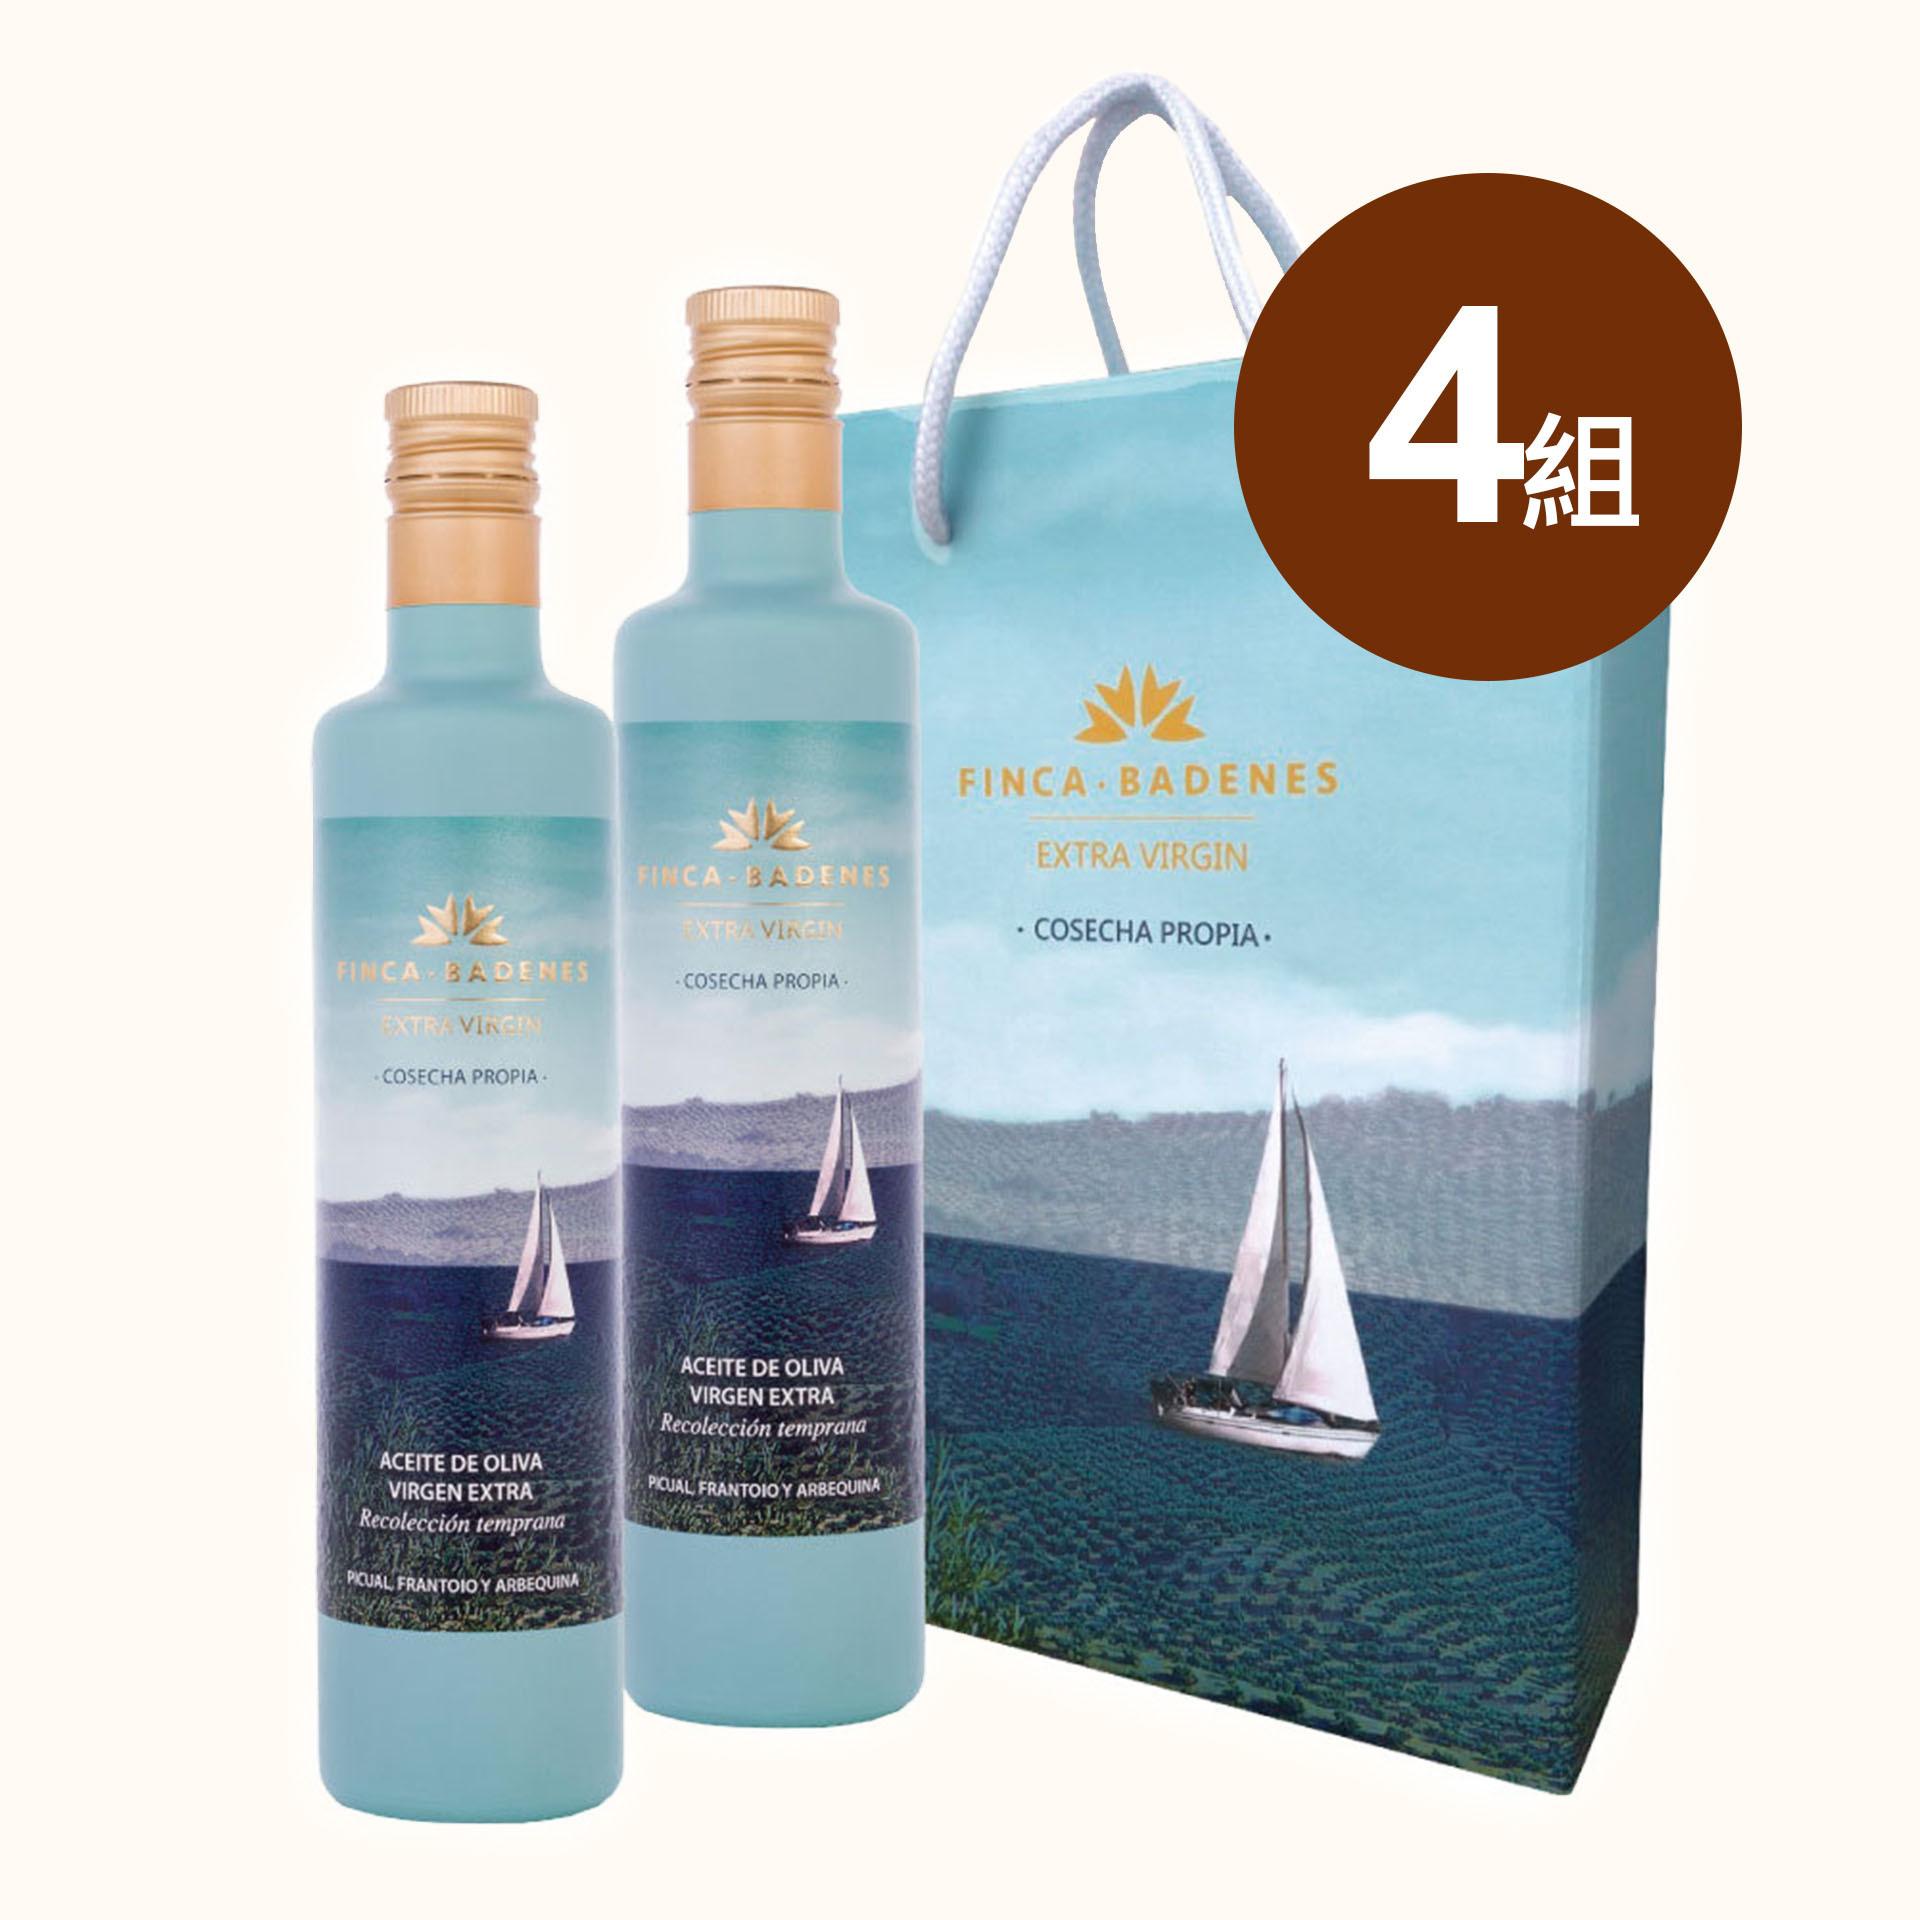 【年節禮盒】巴狄尼絲橄欖油2入禮盒(4組,共8入)